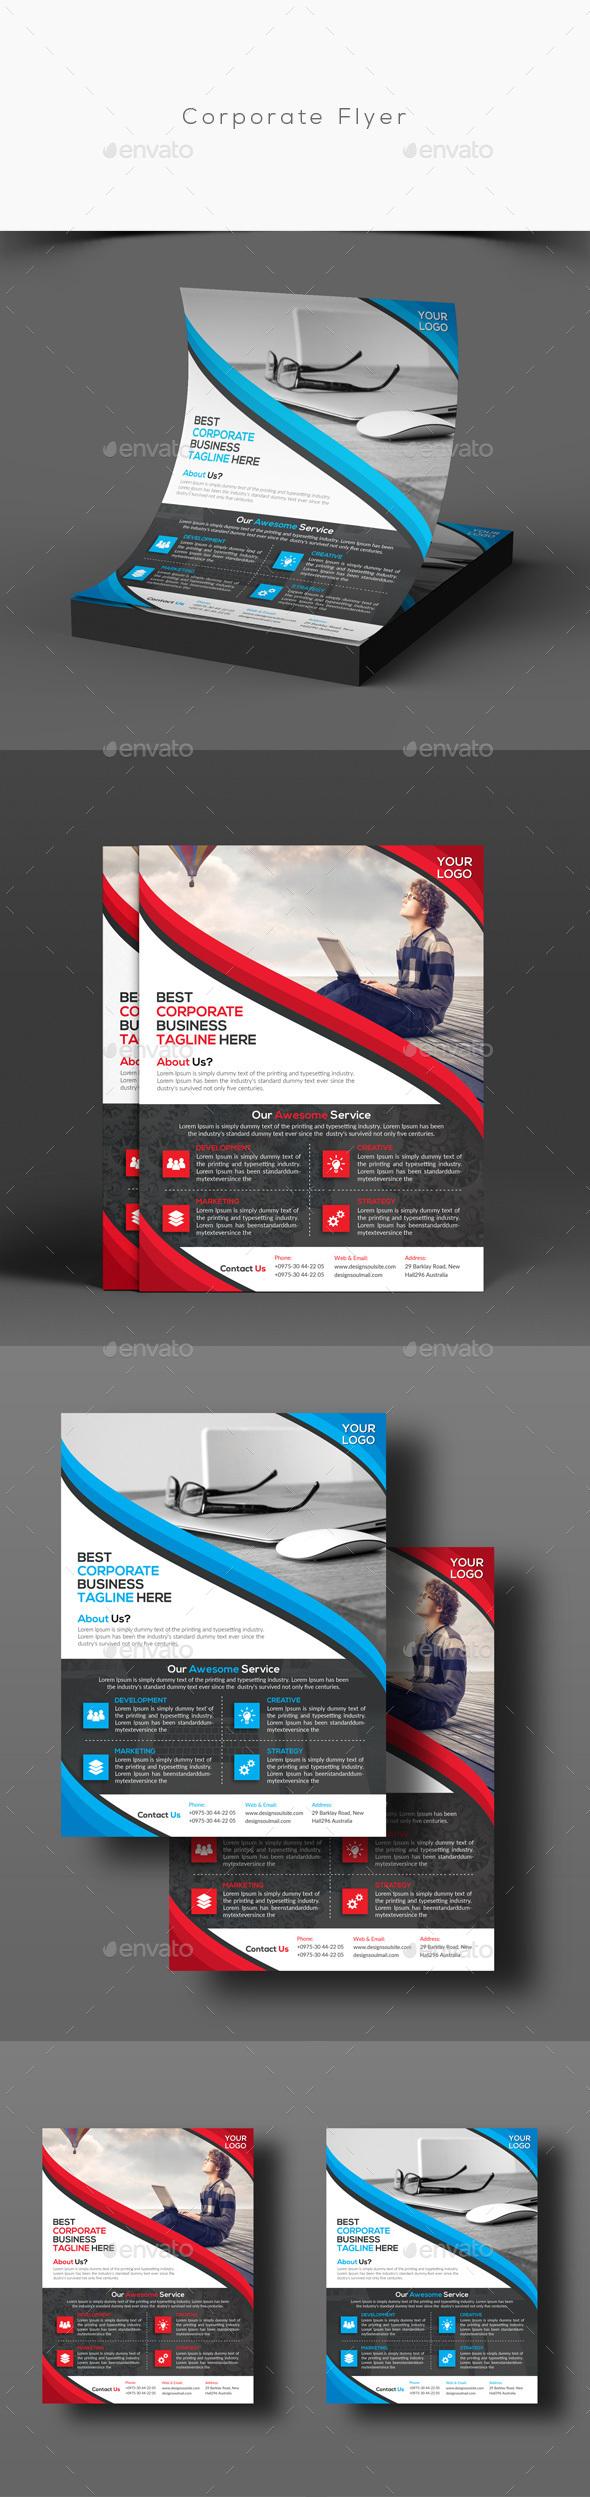 Corporate Flyer   folletos   Pinterest   Tríptico, Folletos y Diseño ...